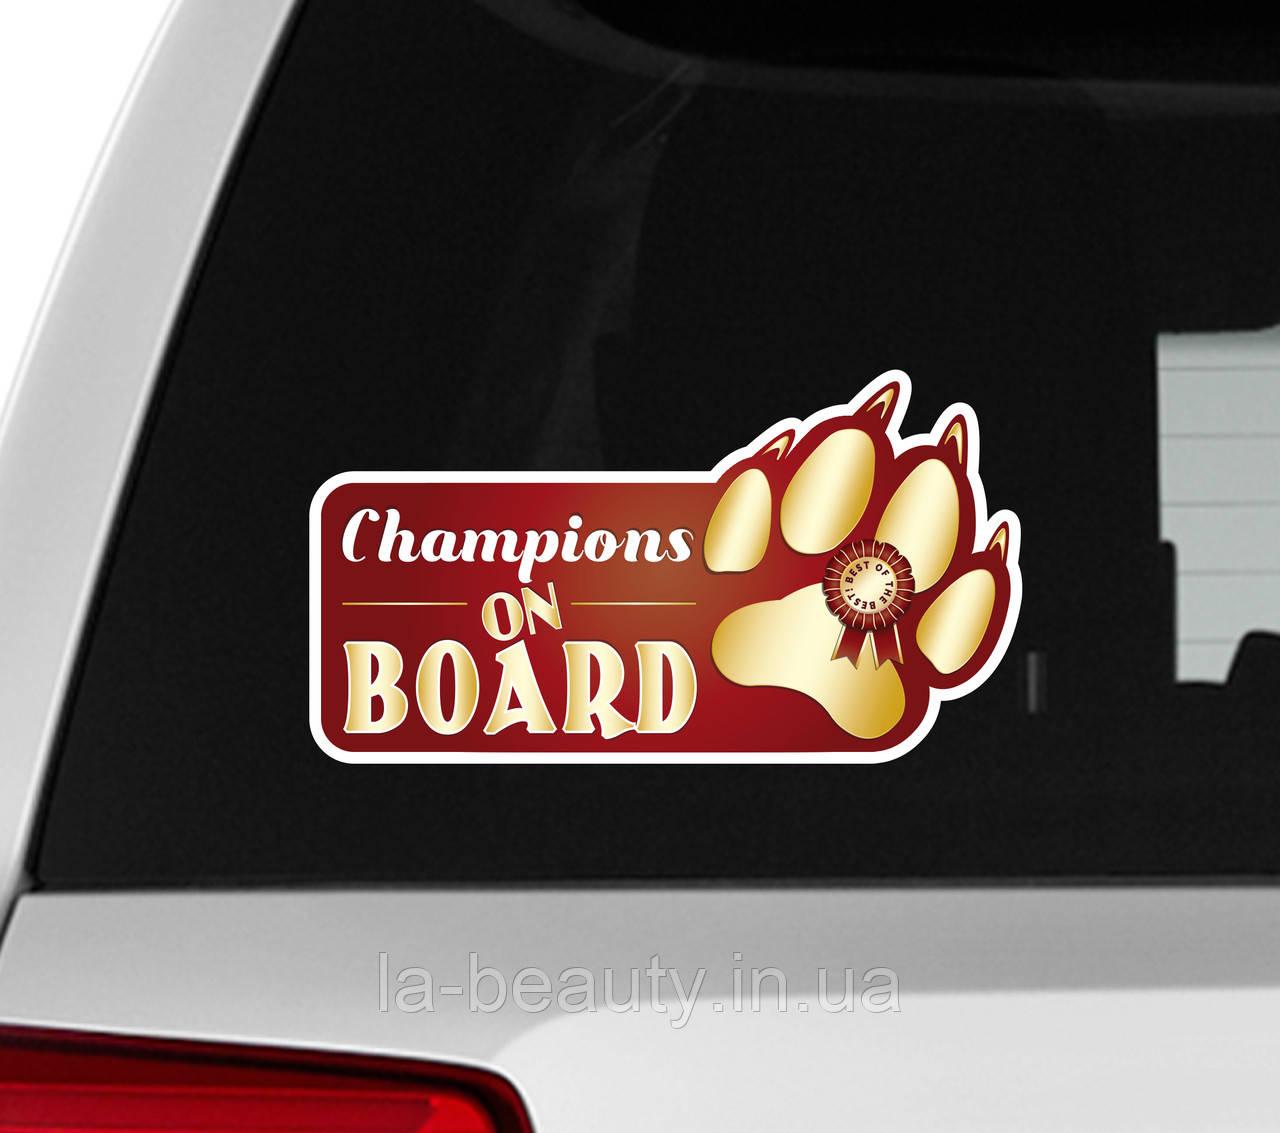 Наклейка на машину Чемпионы на борту красная